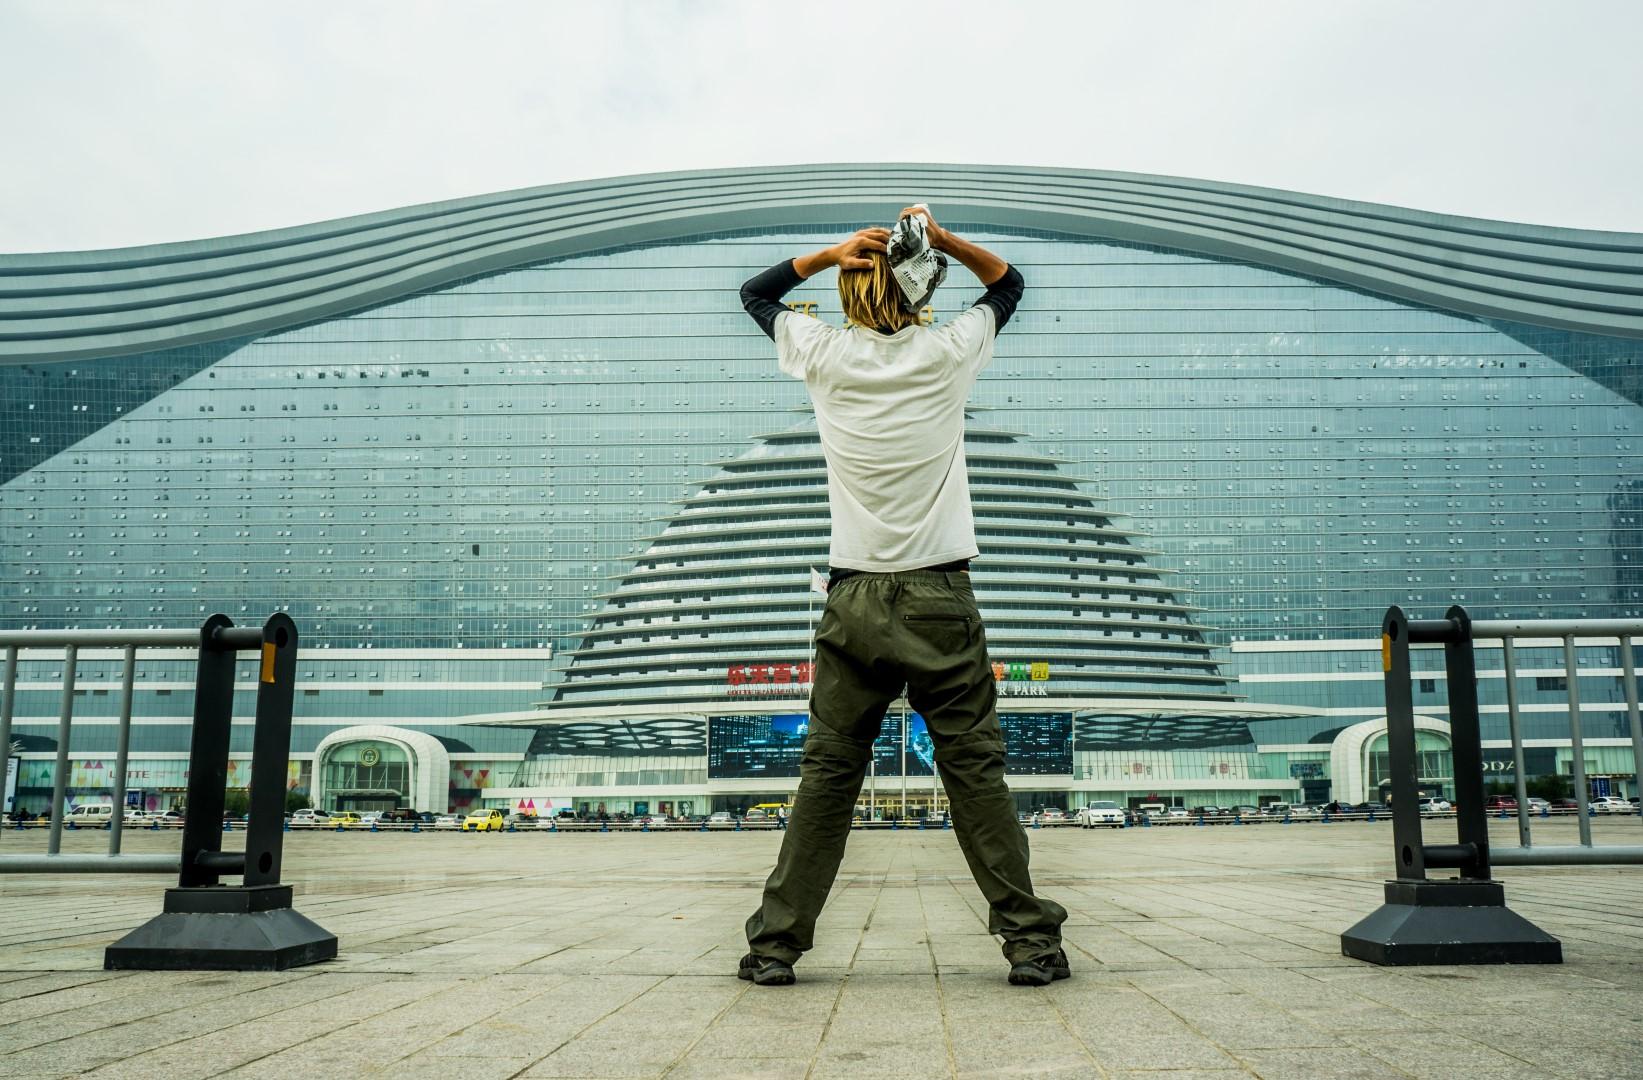 Chiny Chengdu najwiekszy budynek swiata